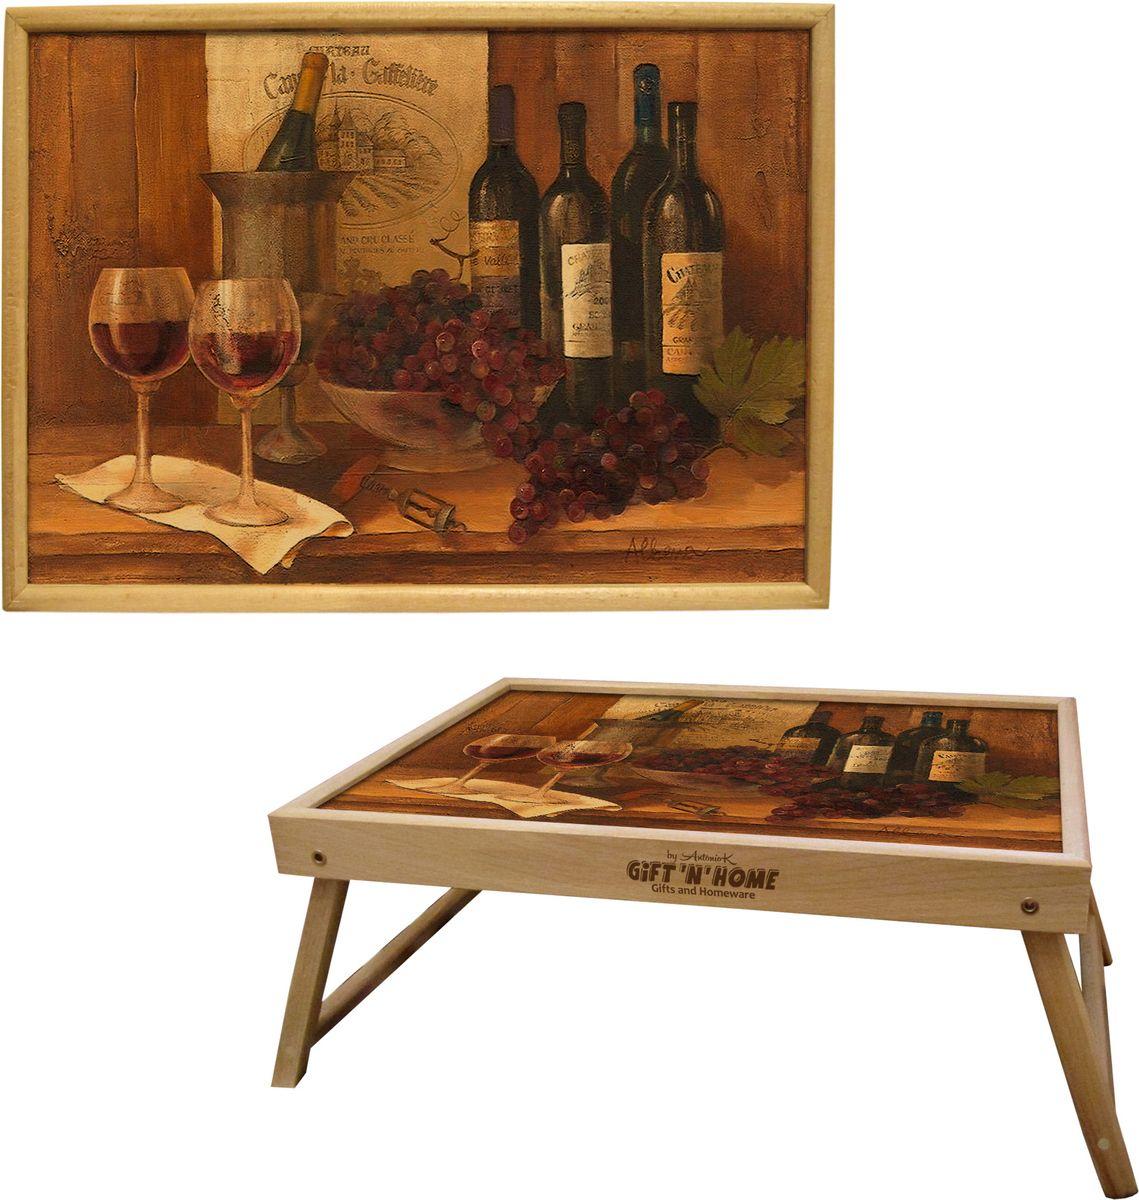 Столик с раскладными ножками GiftnHome Винтажные вина, 30,5 х 43,5 см115510Столик-поднос с раскладными ножками GiftnHome Винтажные вина - это истинный комплимент вашим любимым и близким людям, он станет отличным подарком. Он выполнен из благородной породы древесины - бука. Подать кофе, завтрак в постель или вынести на веранду гостям закуски, фрукты сервированные на стильном подносе, с оригинальным принтом на поверхности.Изделие несомненно внесет свой Арт-стиль и уютную атмосферу в домашнее пространство. Нанесенные на столешницу дизайнерские принты прекрасно дополнят интерьер вашего дома, дачи, студии или городской кухни - это современные, актуальные изделия, выполненные с душой, и несущие в дом настроение.